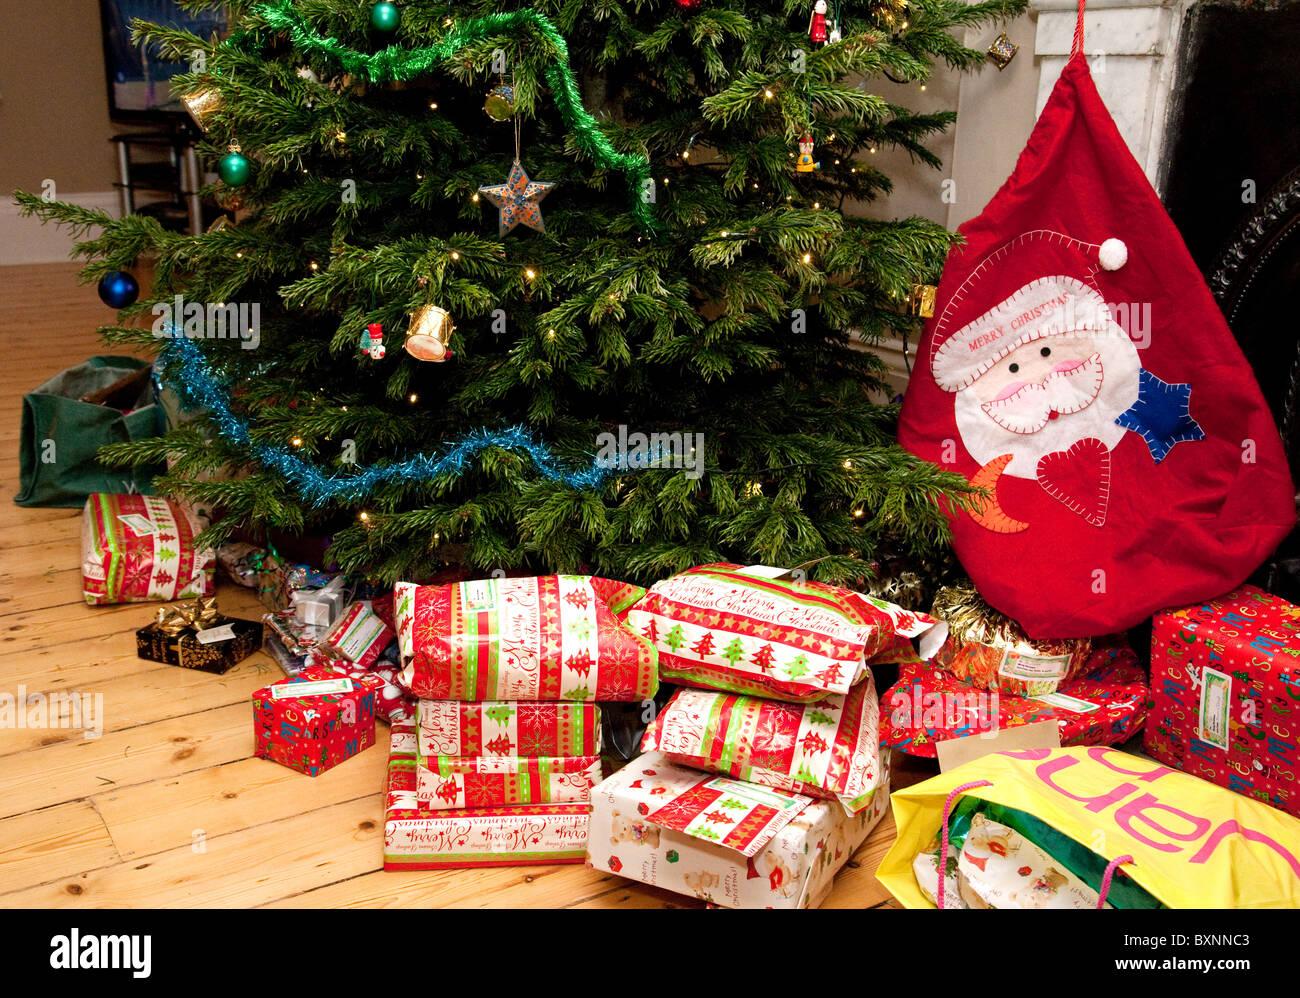 Regali Di Natale Inglese.I Regali Di Natale E Calza Attorno A Un Albero Di Natale In